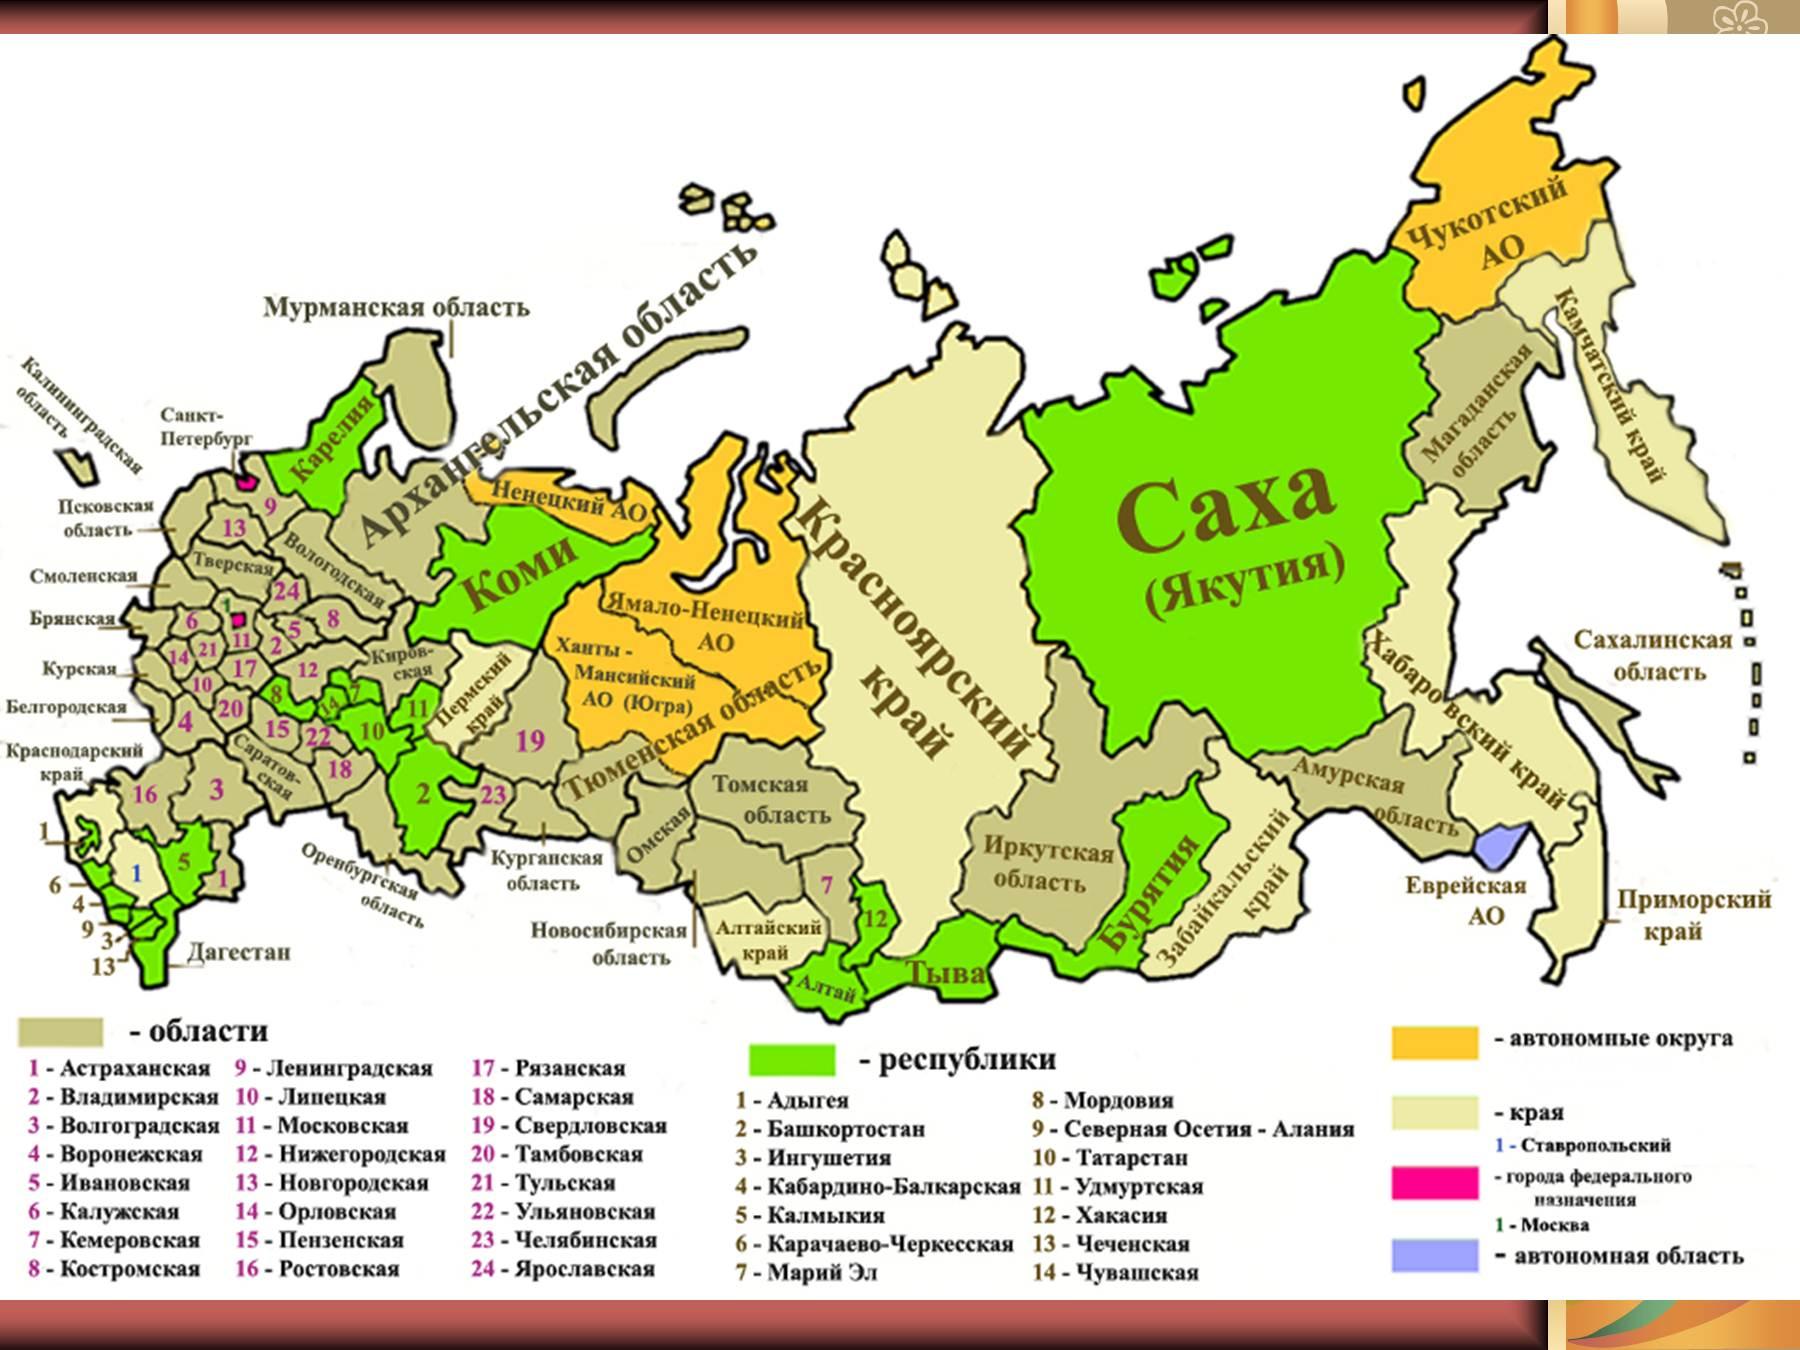 термобелье счёт республики росии и их столицы обычное белье попросту